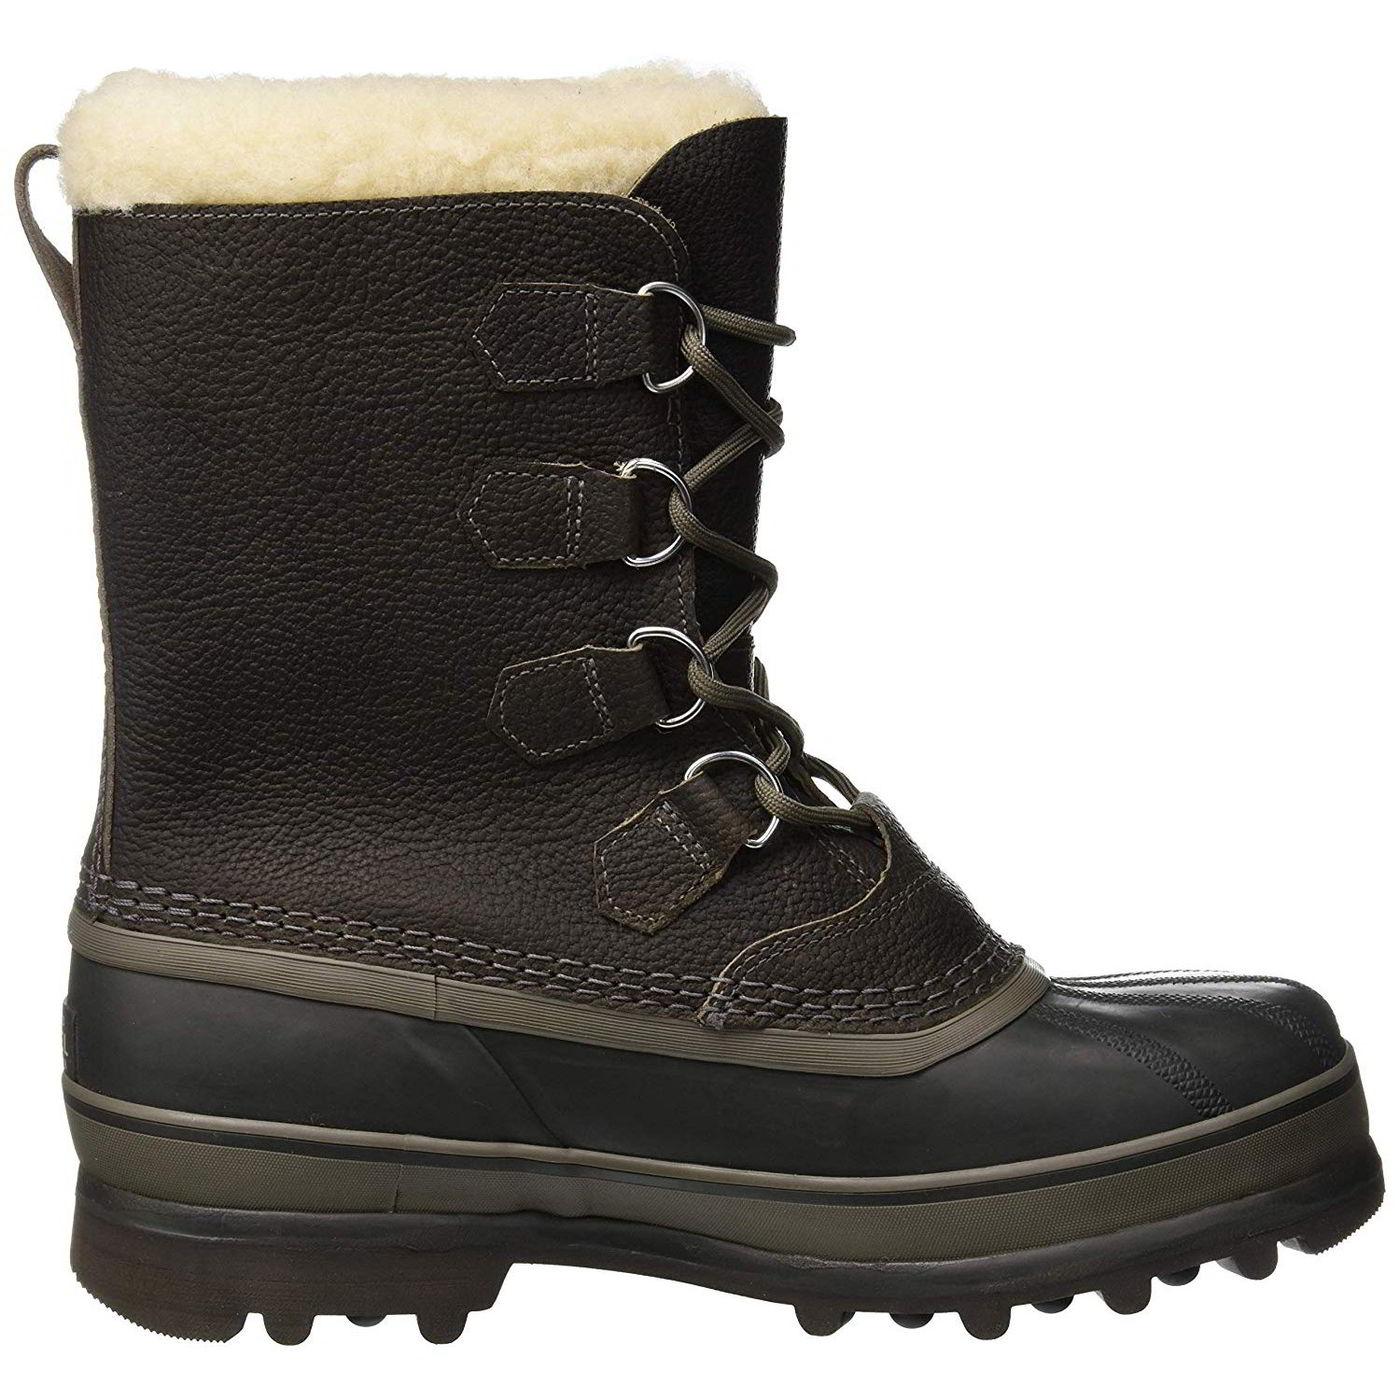 Sorel Caribou Wool Mens Waterproof Warm Winter Snow Boots Size 7-12